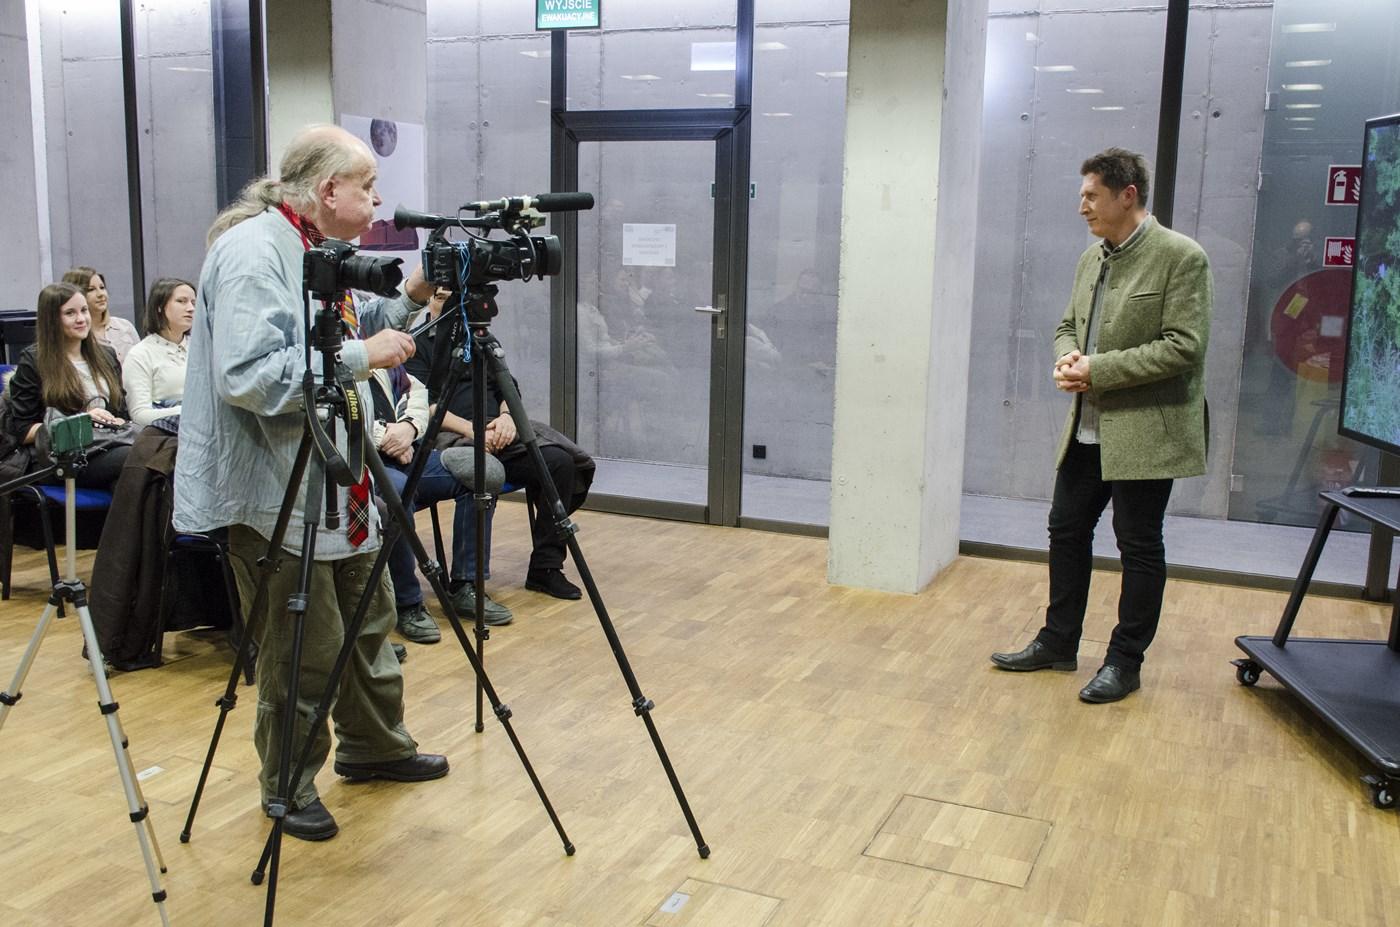 Spotkanie_ALK_Kwiek_Zaluski_04_fot_K_Kuzko.jpg